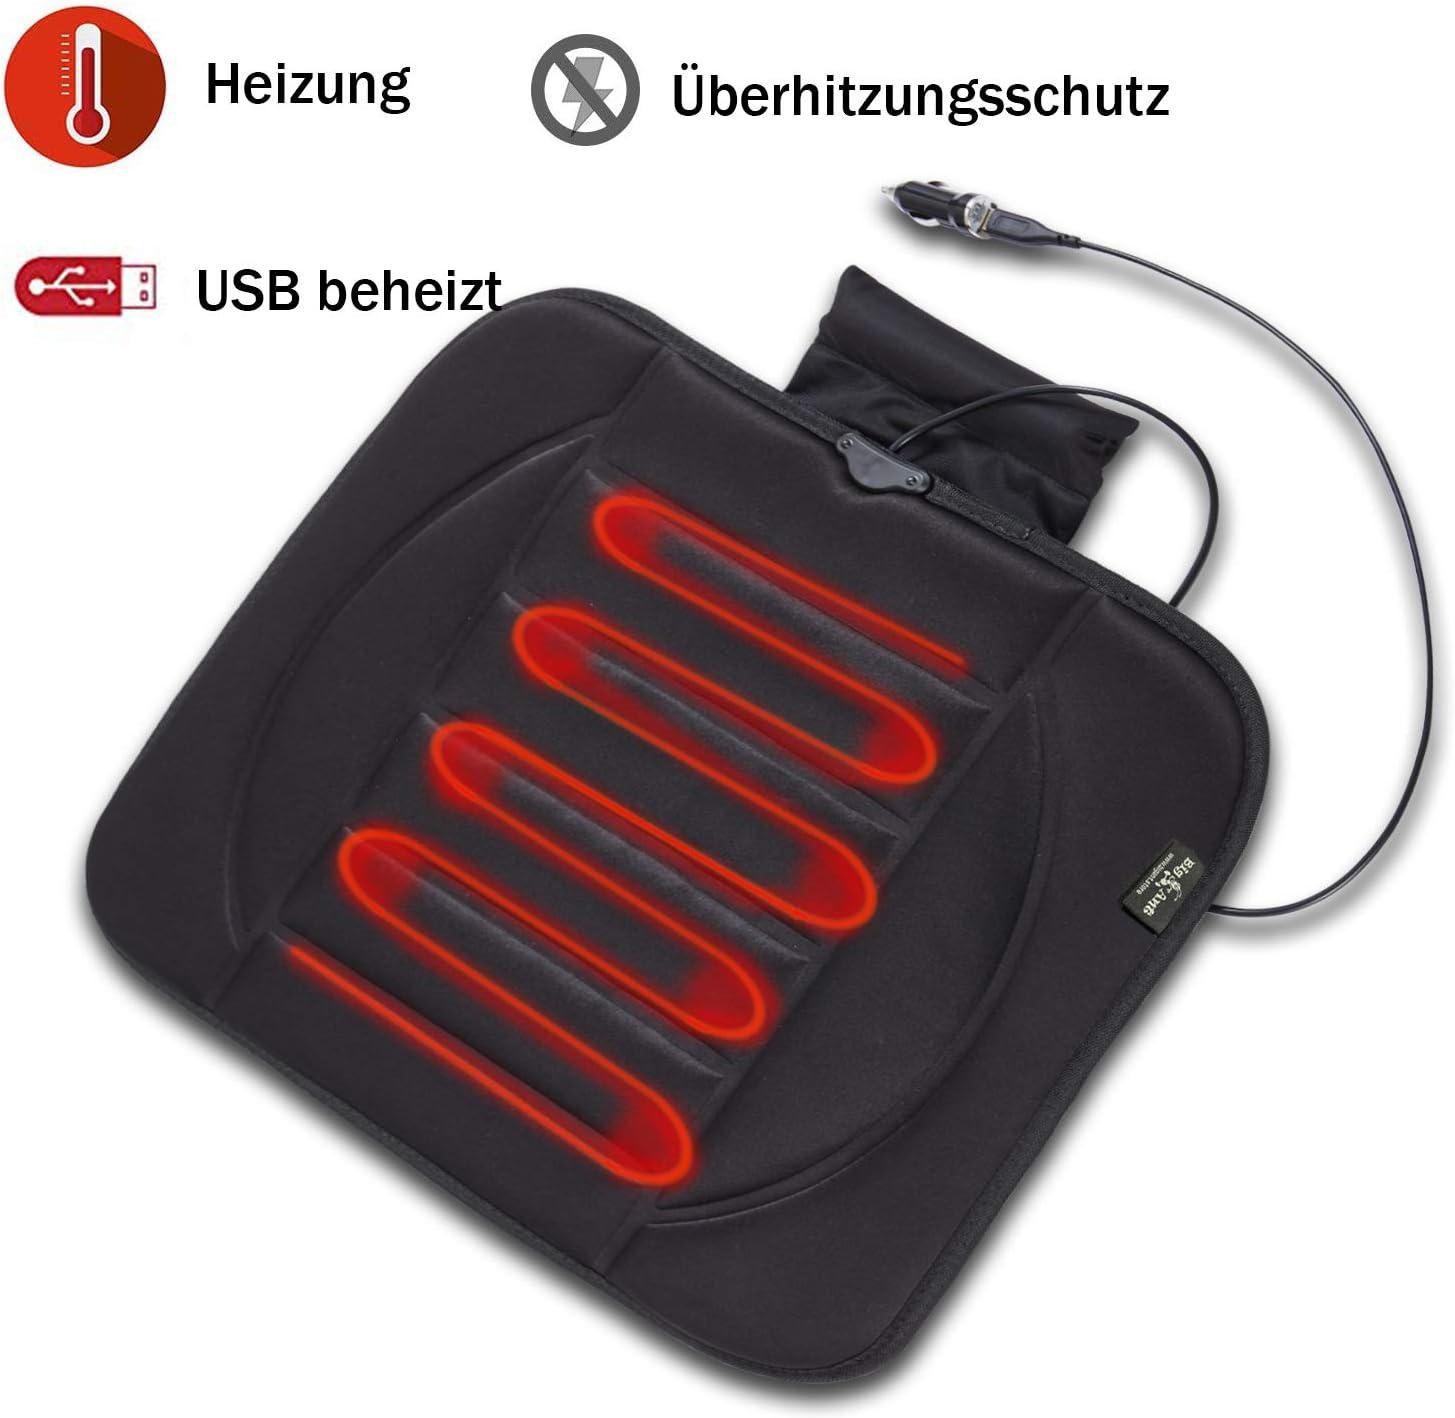 Schwarz USB Heizauflagen Heizbare Sitzbezug 12V Beheizbare Autositzbez/üge Beheizbare Sitzkissen passt meistem Auto auch Zuhause B/üro Stuhl im Winter Big Hippo Beheizbare Sitzauflage Auto